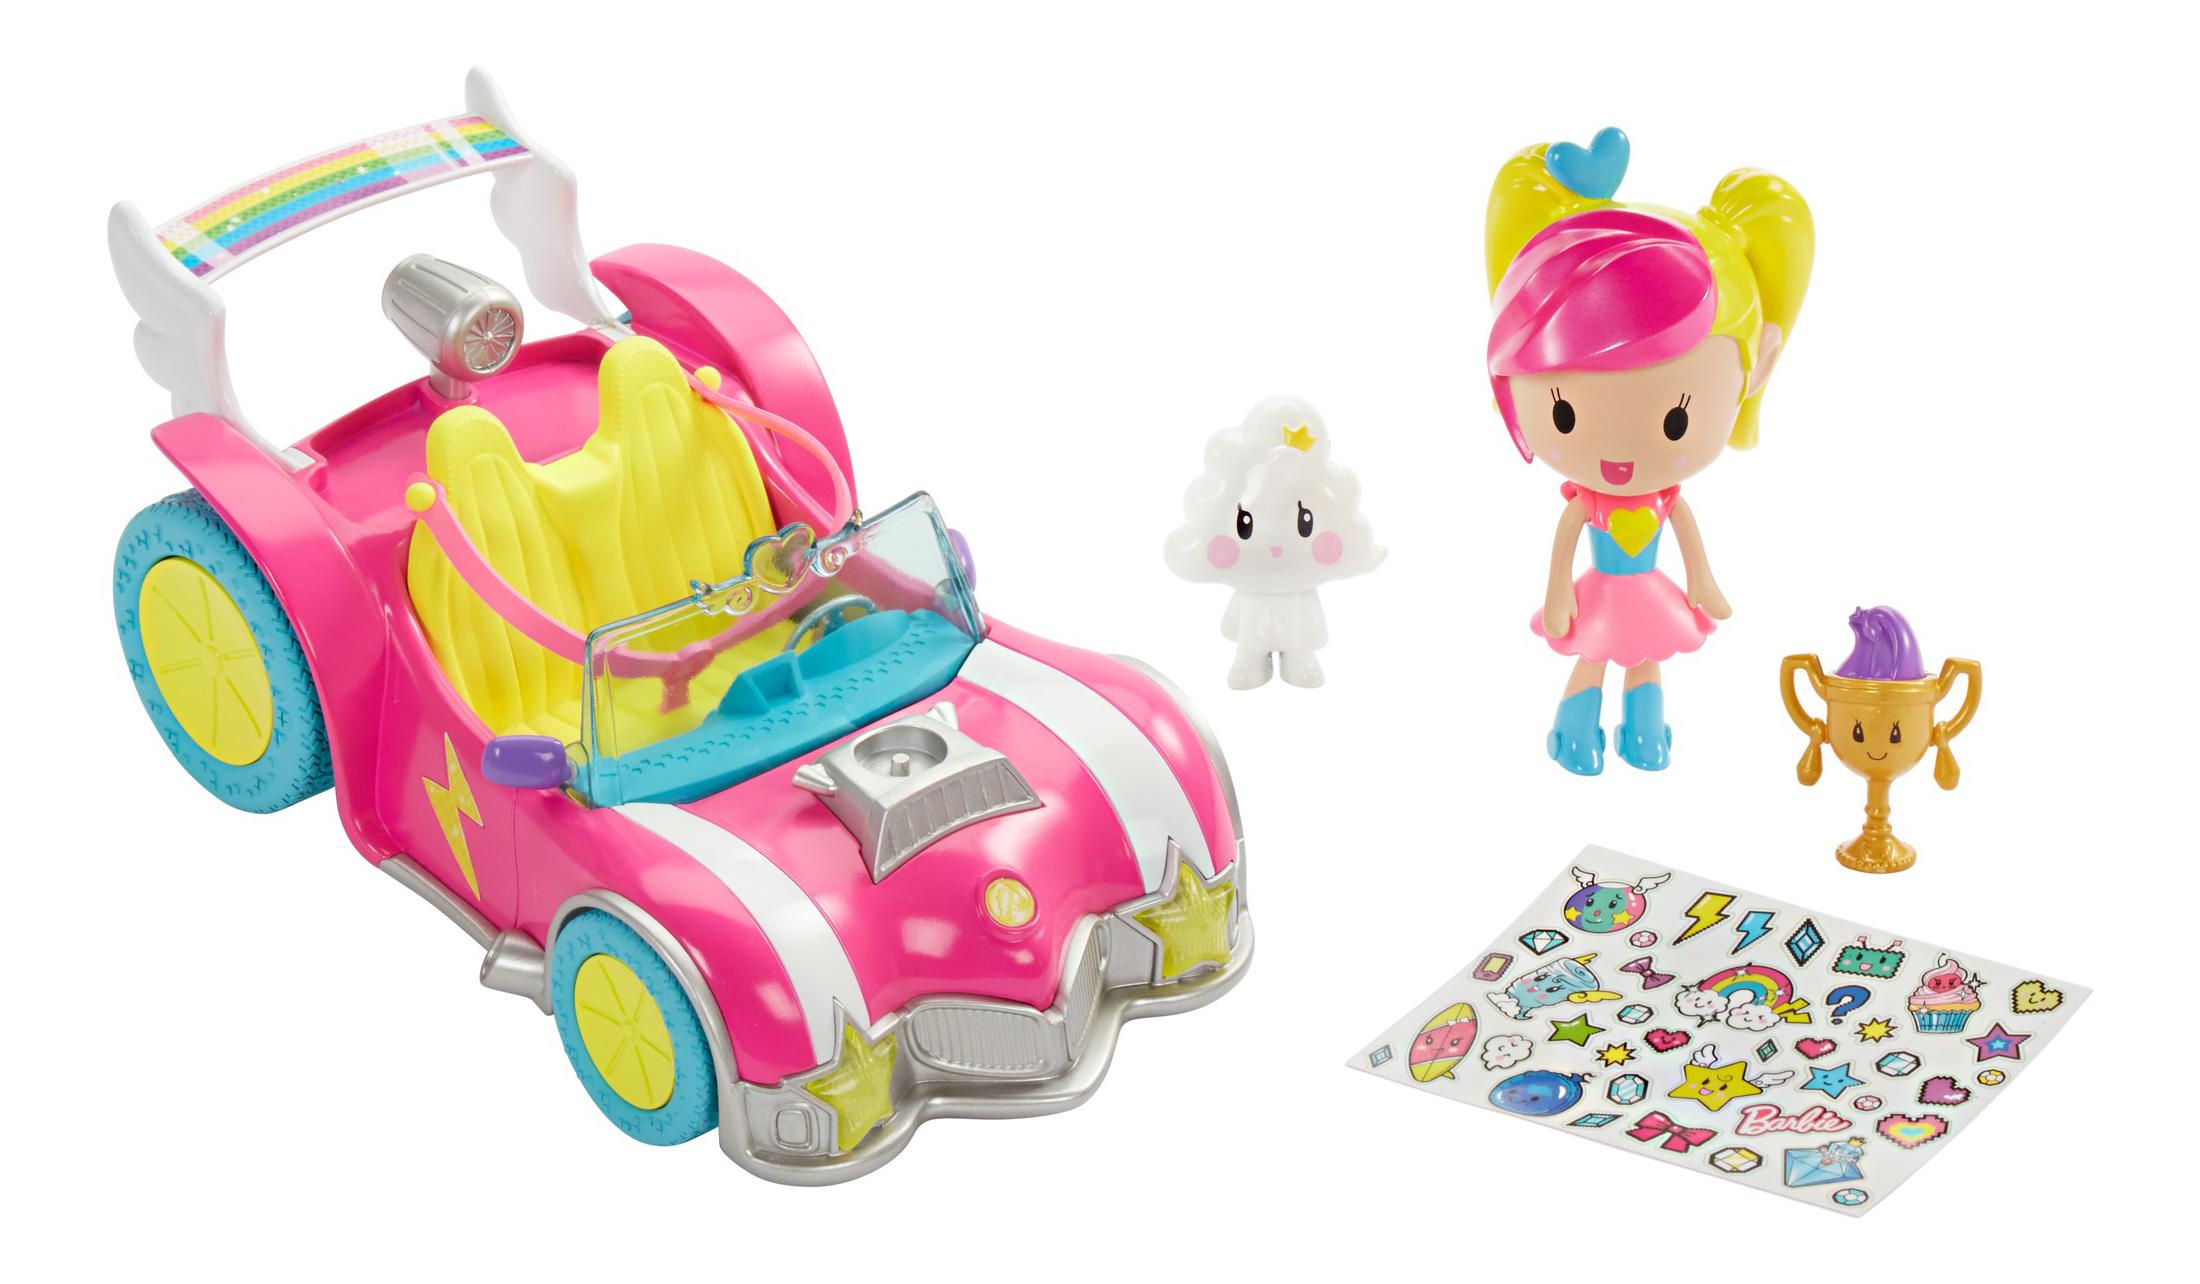 Купить Игровой набор Barbie Автомобиль из серии Barbie и виртуальный мир DTW18, Куклы Barbie